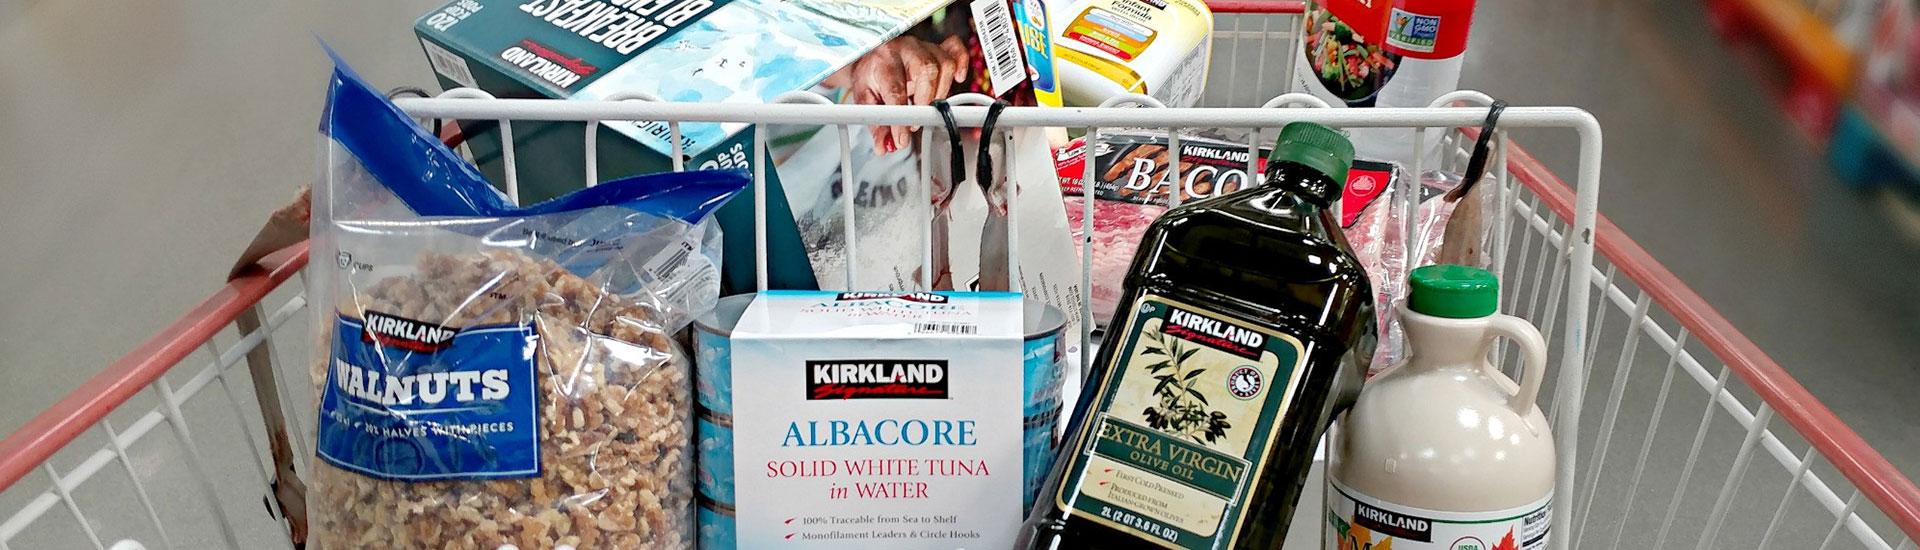 Kirkland Ürünleri Türkiye Satış